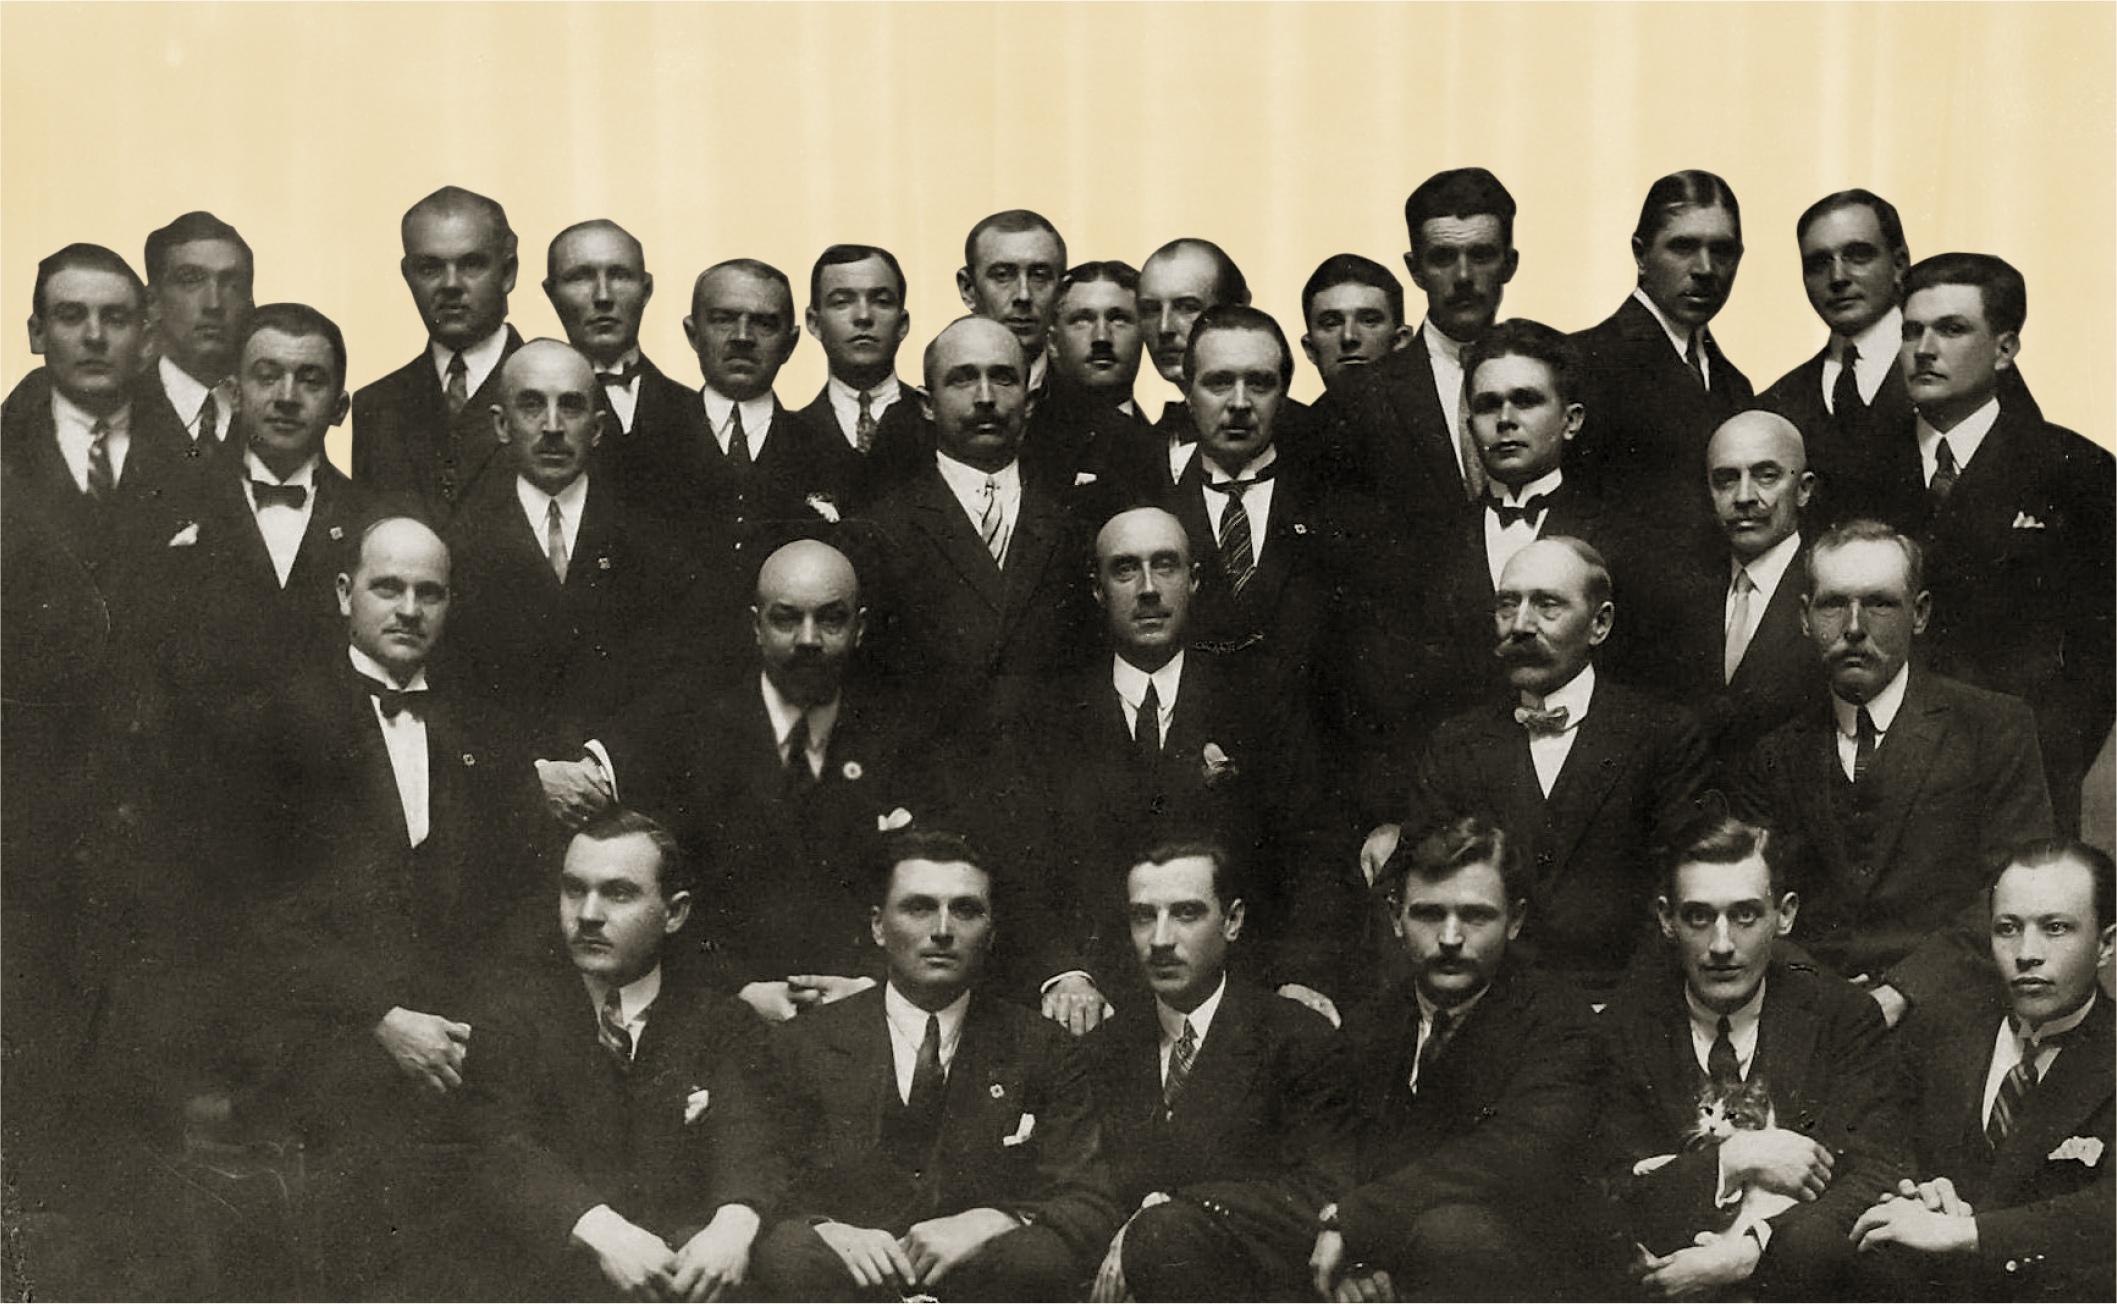 Члены Русского общевоинского союза  и его основатель, генерал  П. Н. Врангель (в центре  во втором ряду). 1927 г.